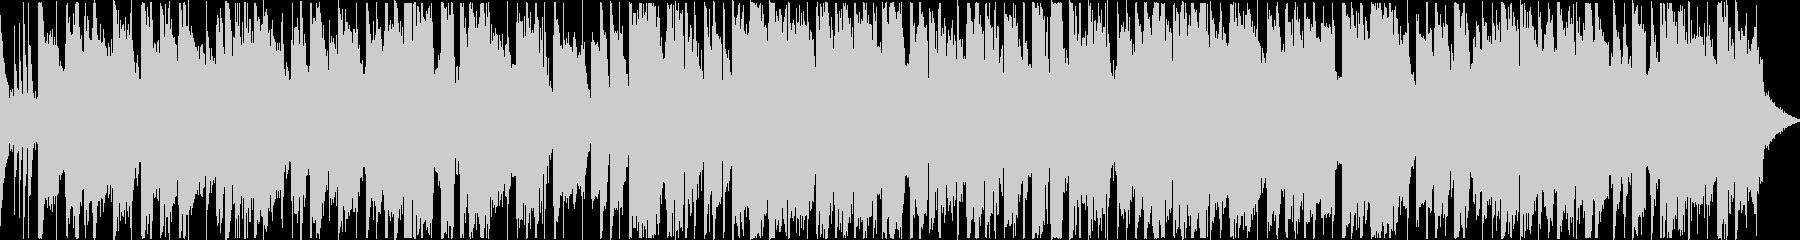 ジャズギターのスムースジャズ_ループ仕様の未再生の波形